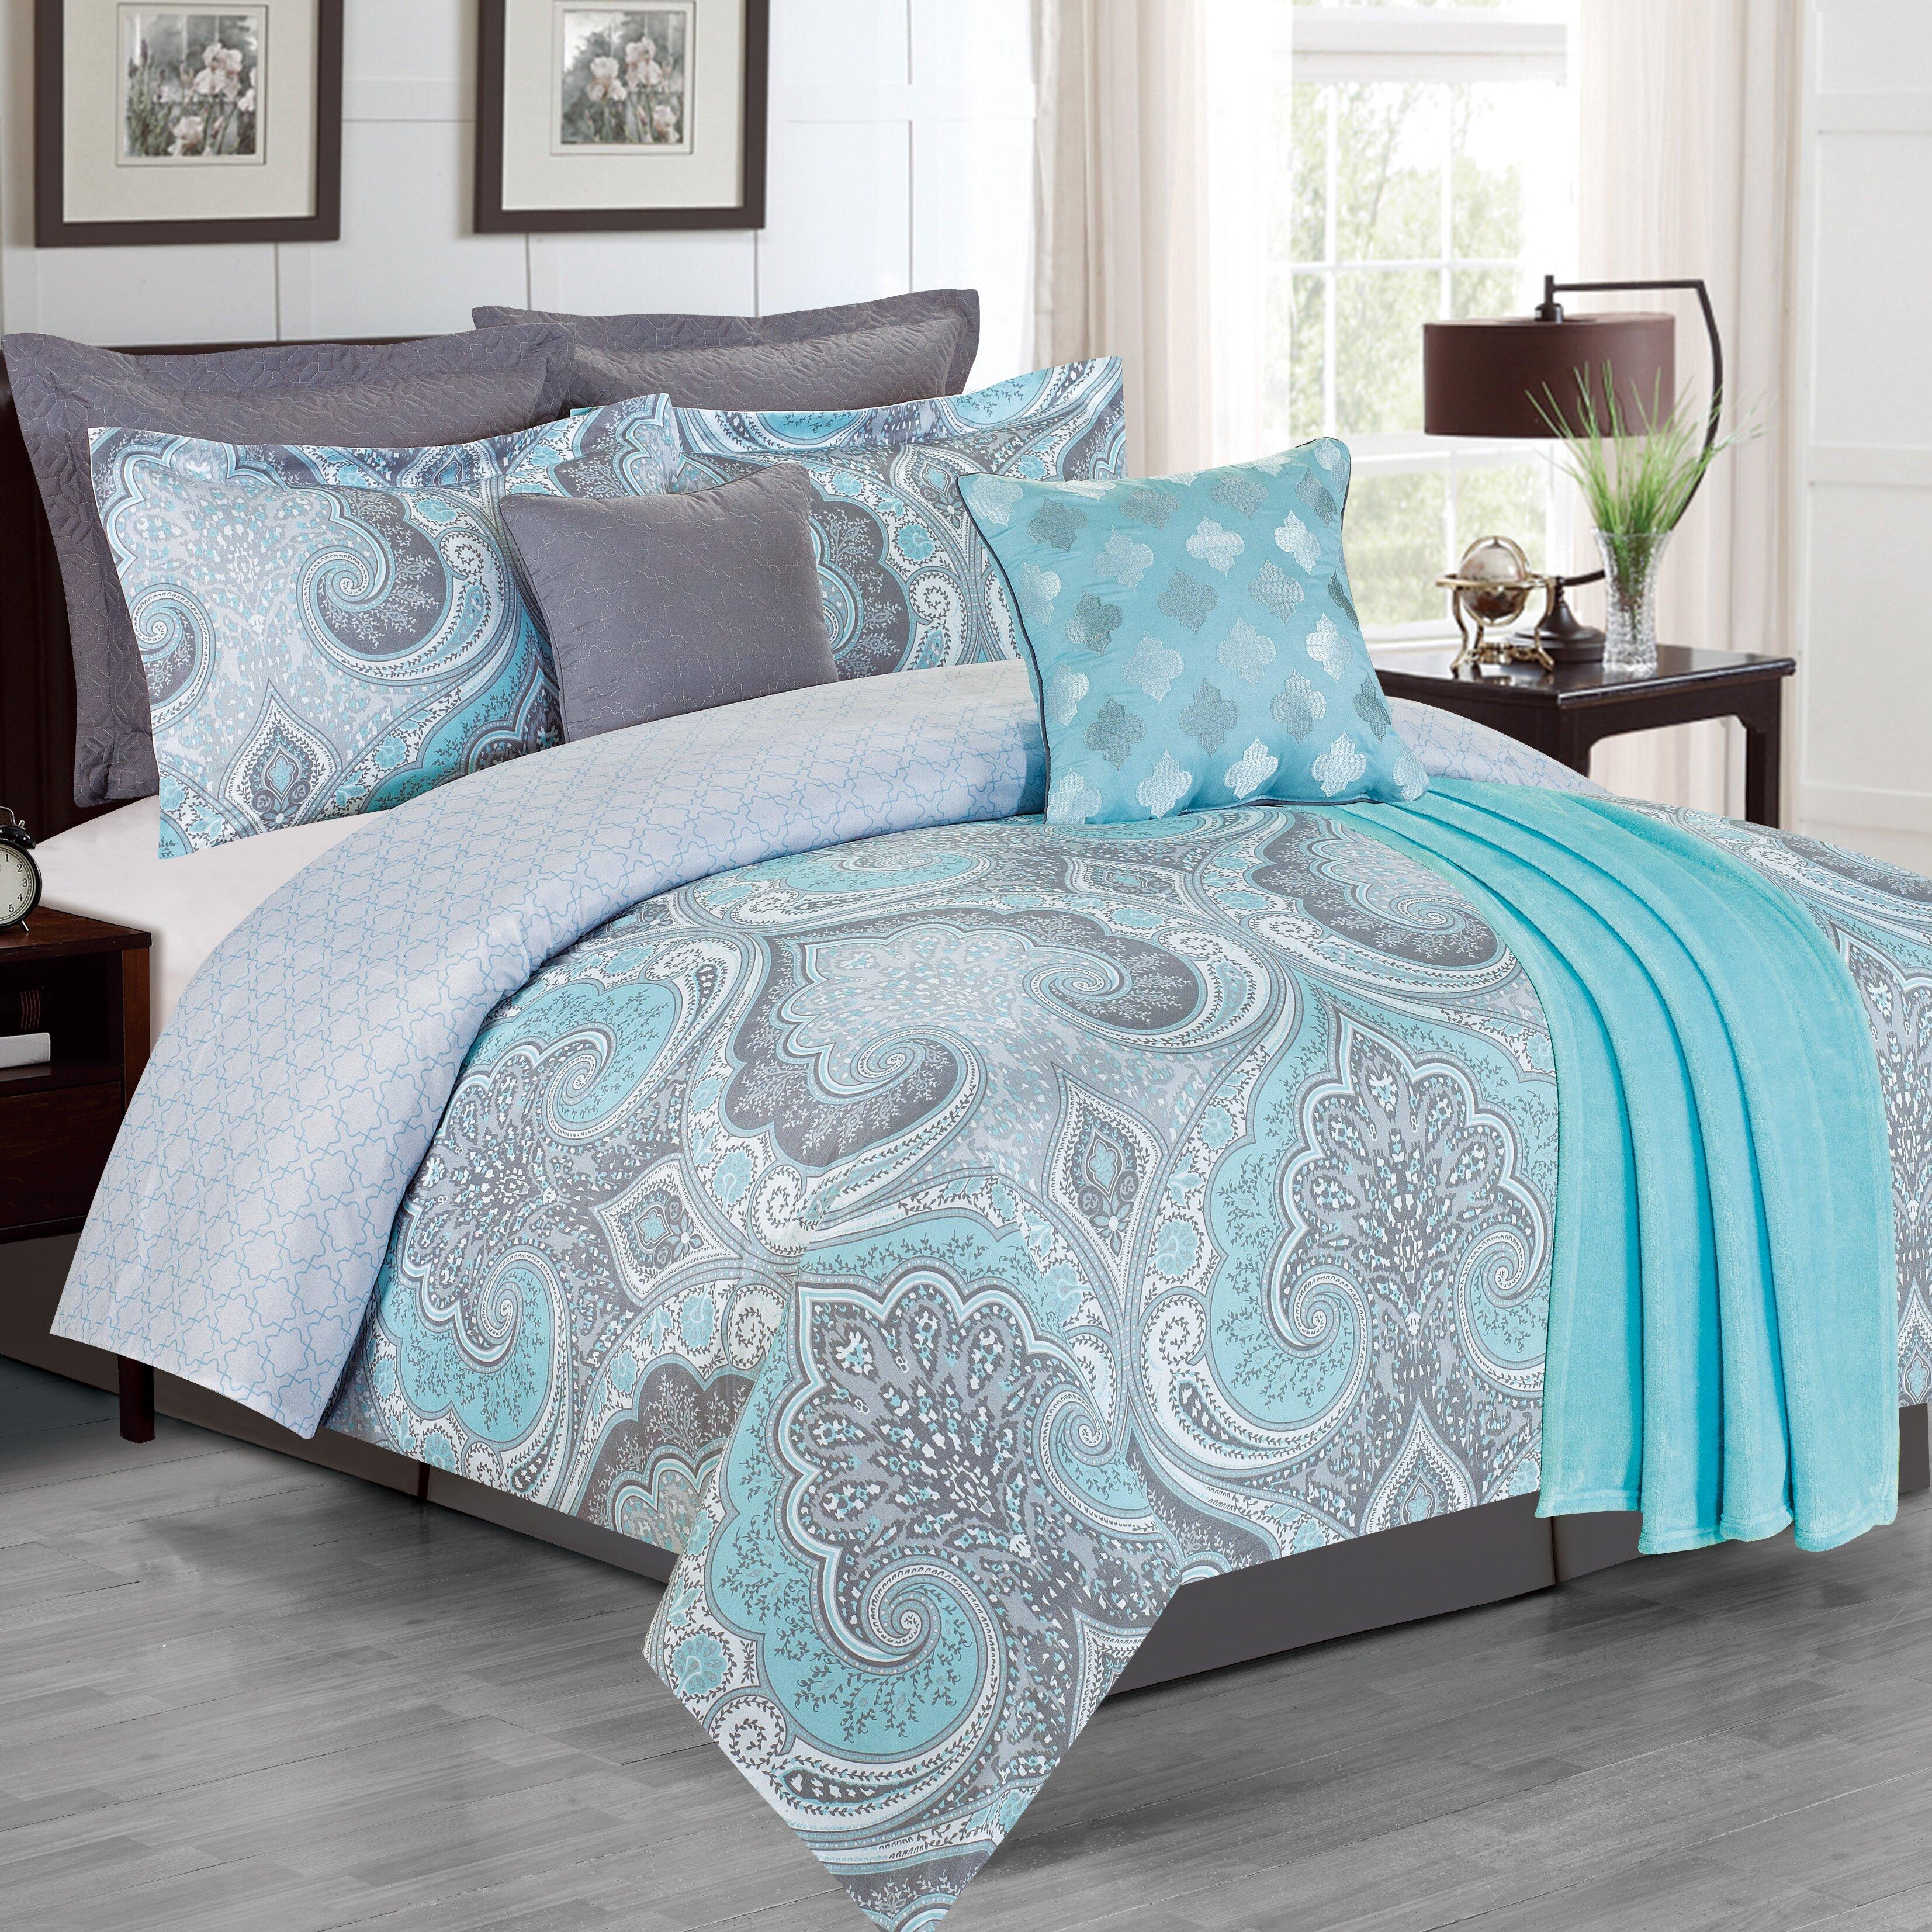 Chd Home Textile Llc The La Salle Fall River 8 Piece